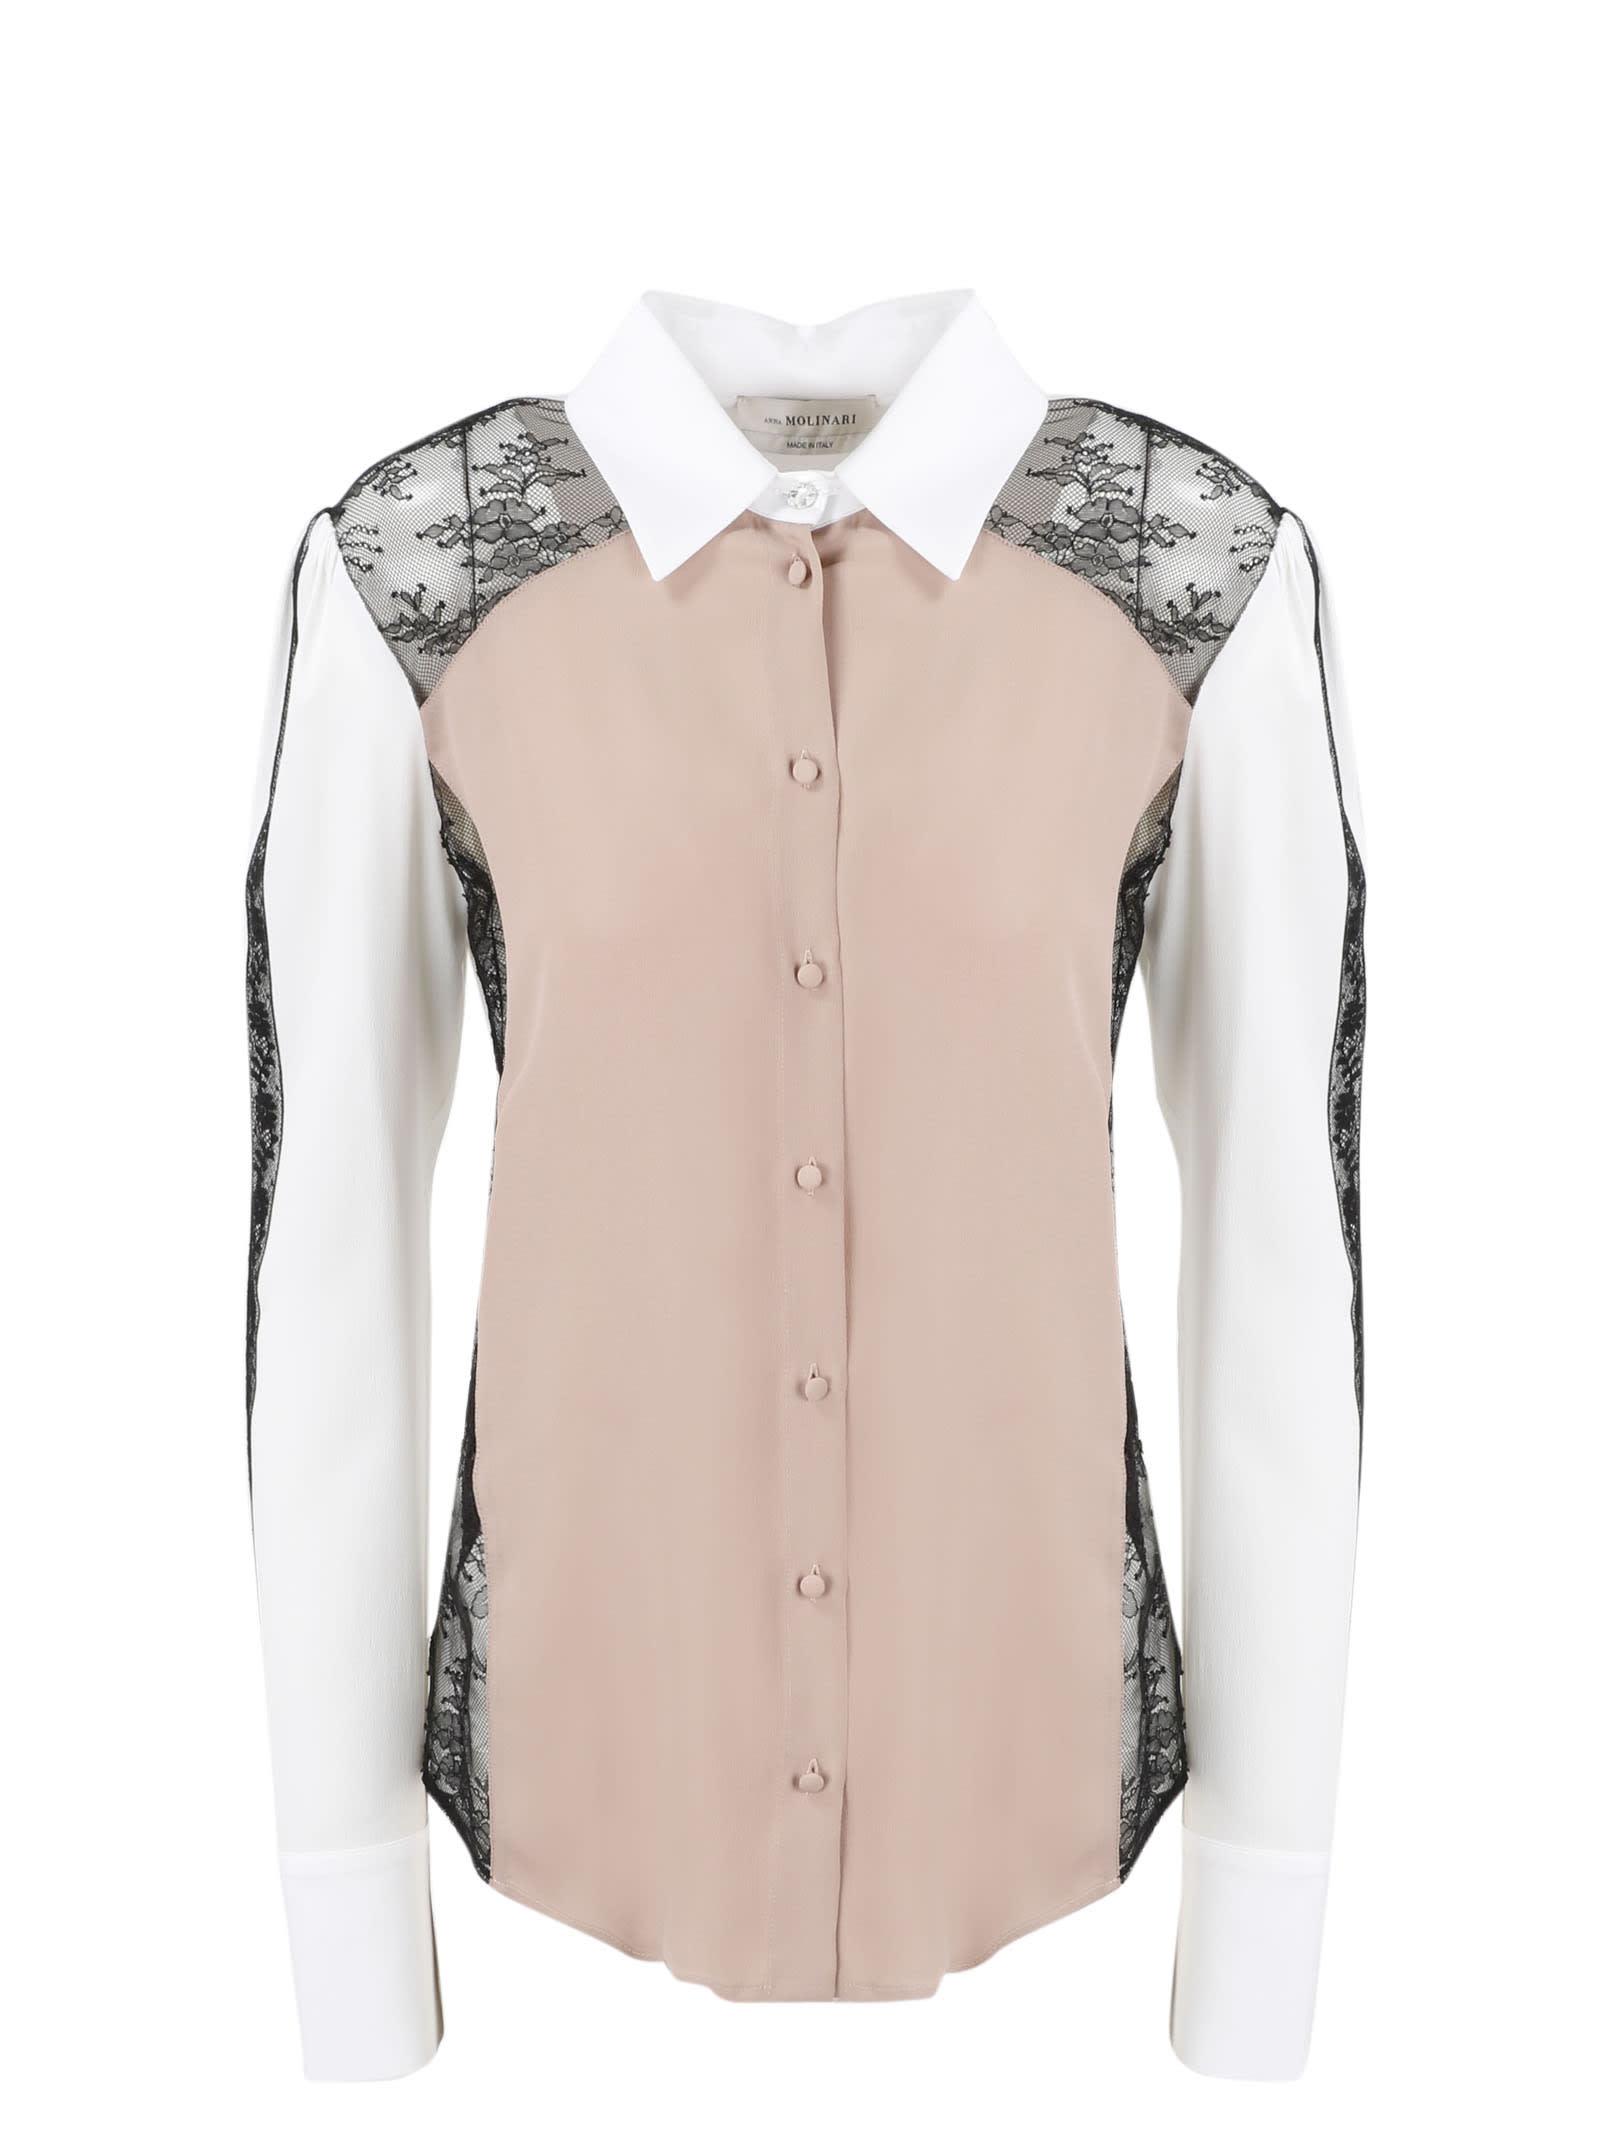 Lace Inserts Shirt